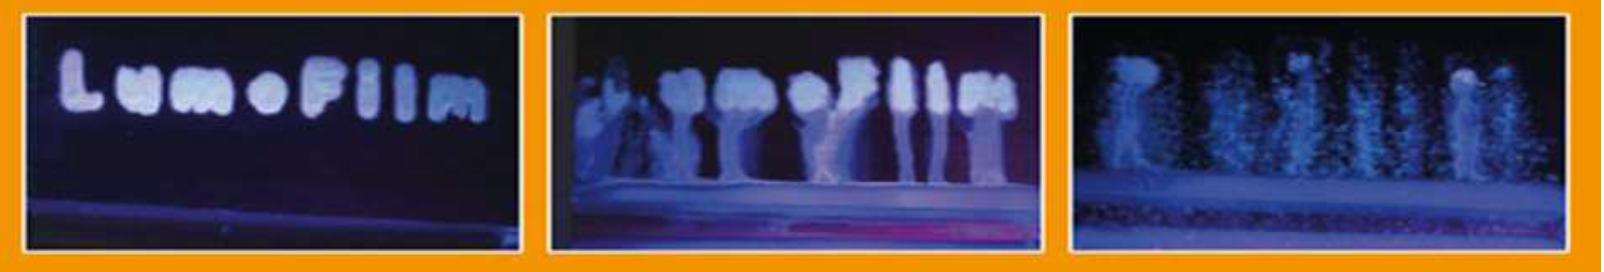 Aufnahmen von Fluoreszenzmarker, der die Qualitätssicherung erleichtert